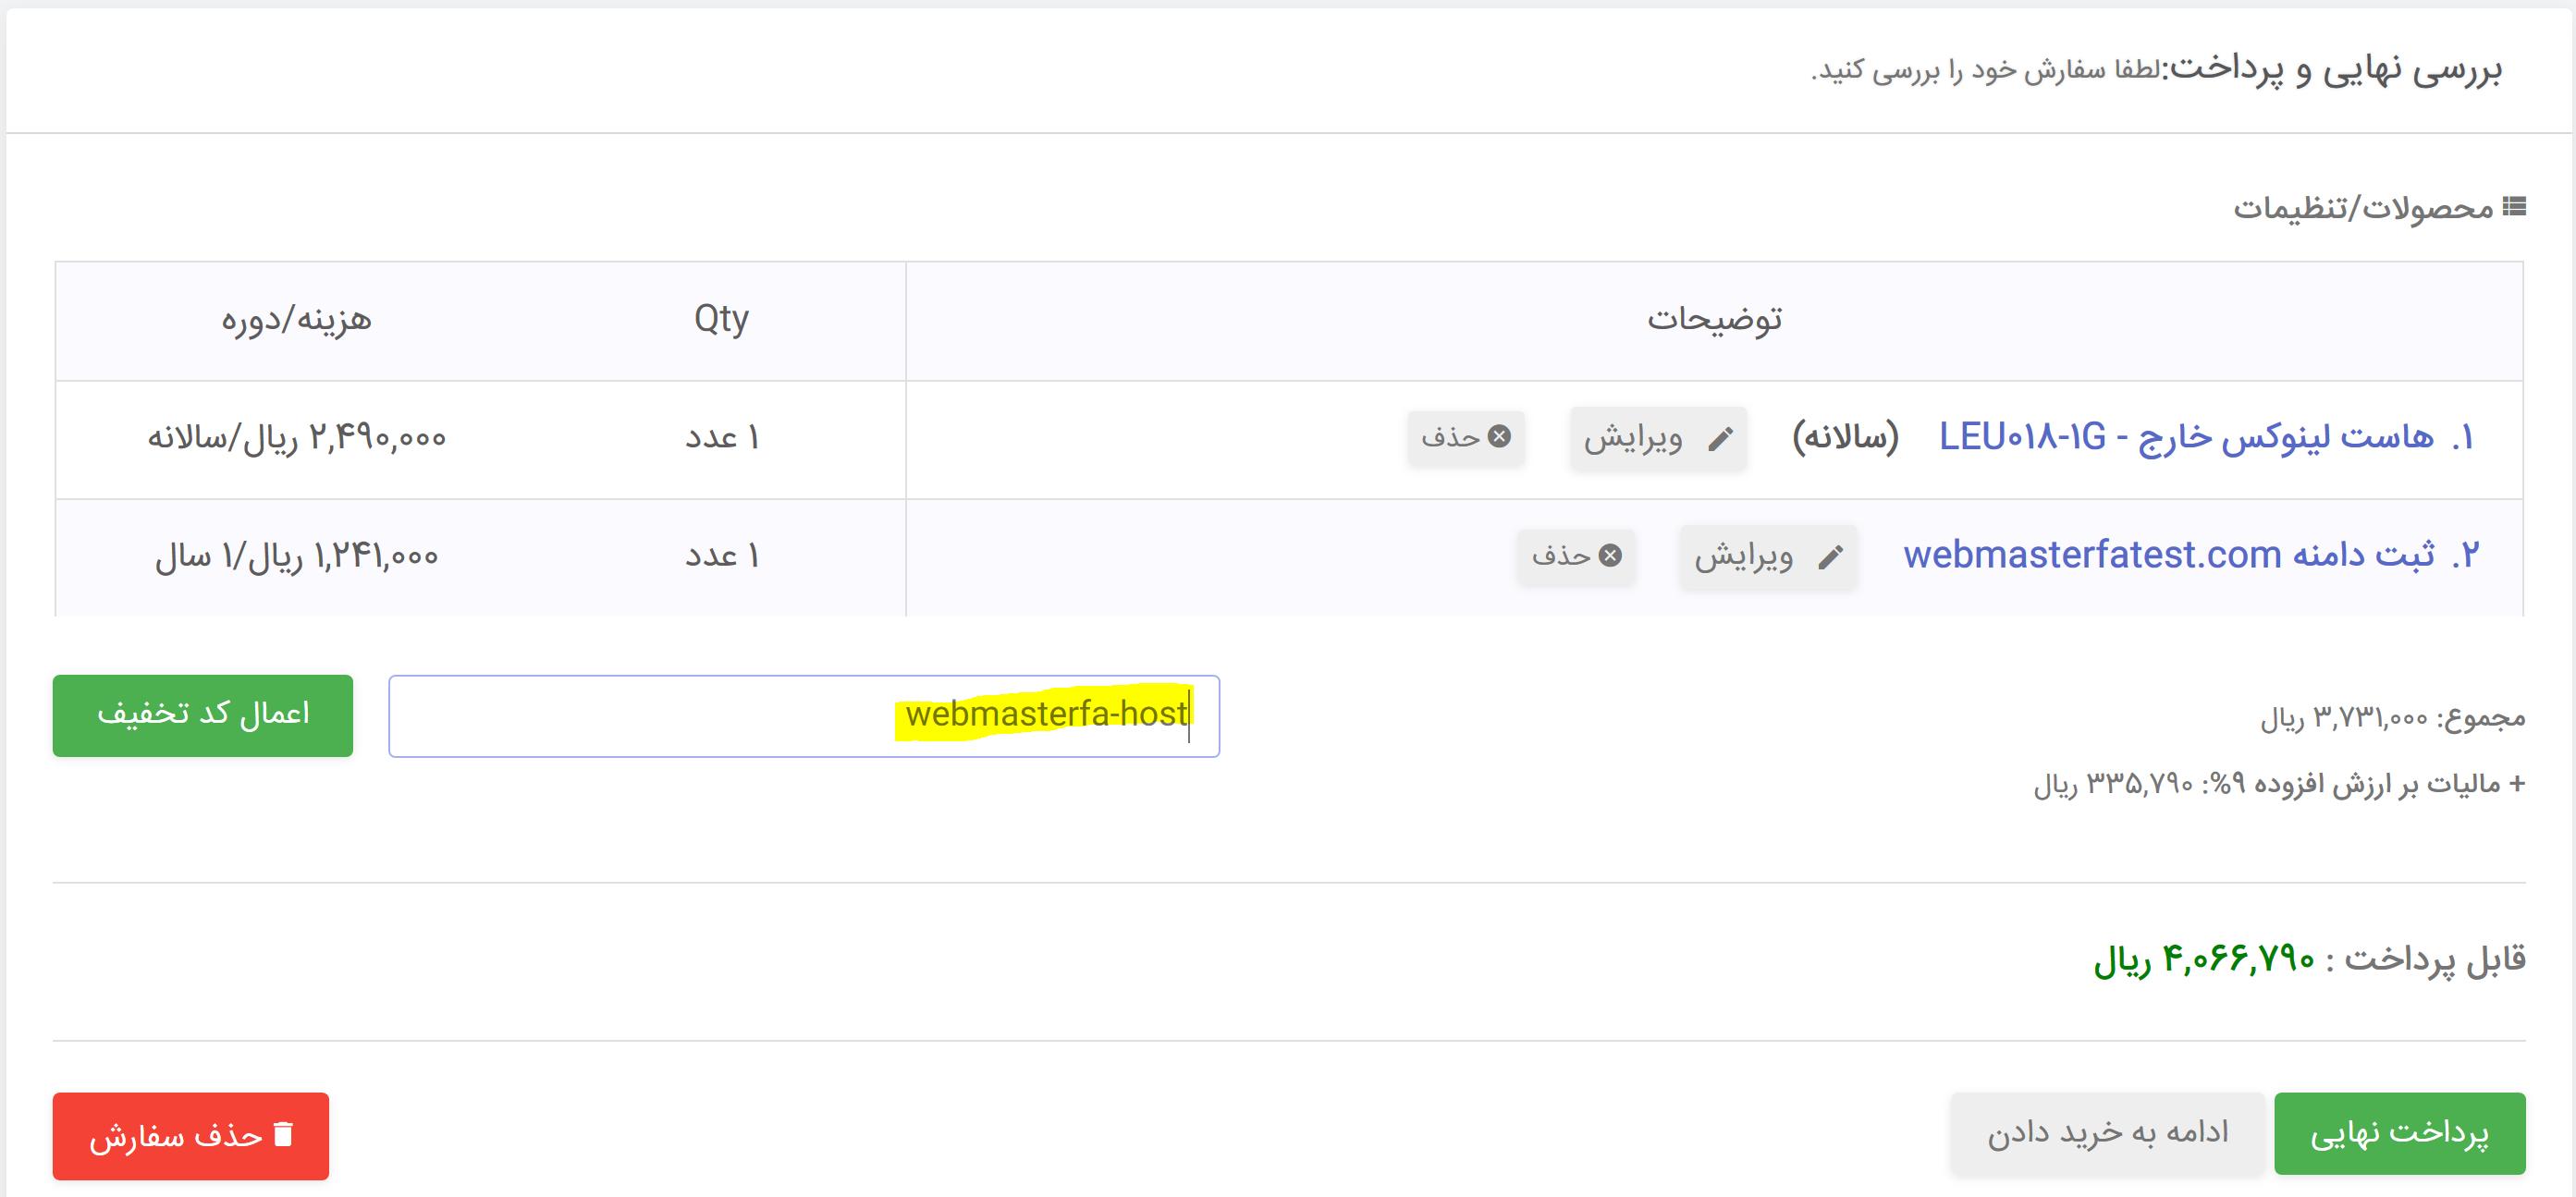 کد تخفیف خرید هاست از ایران سرور